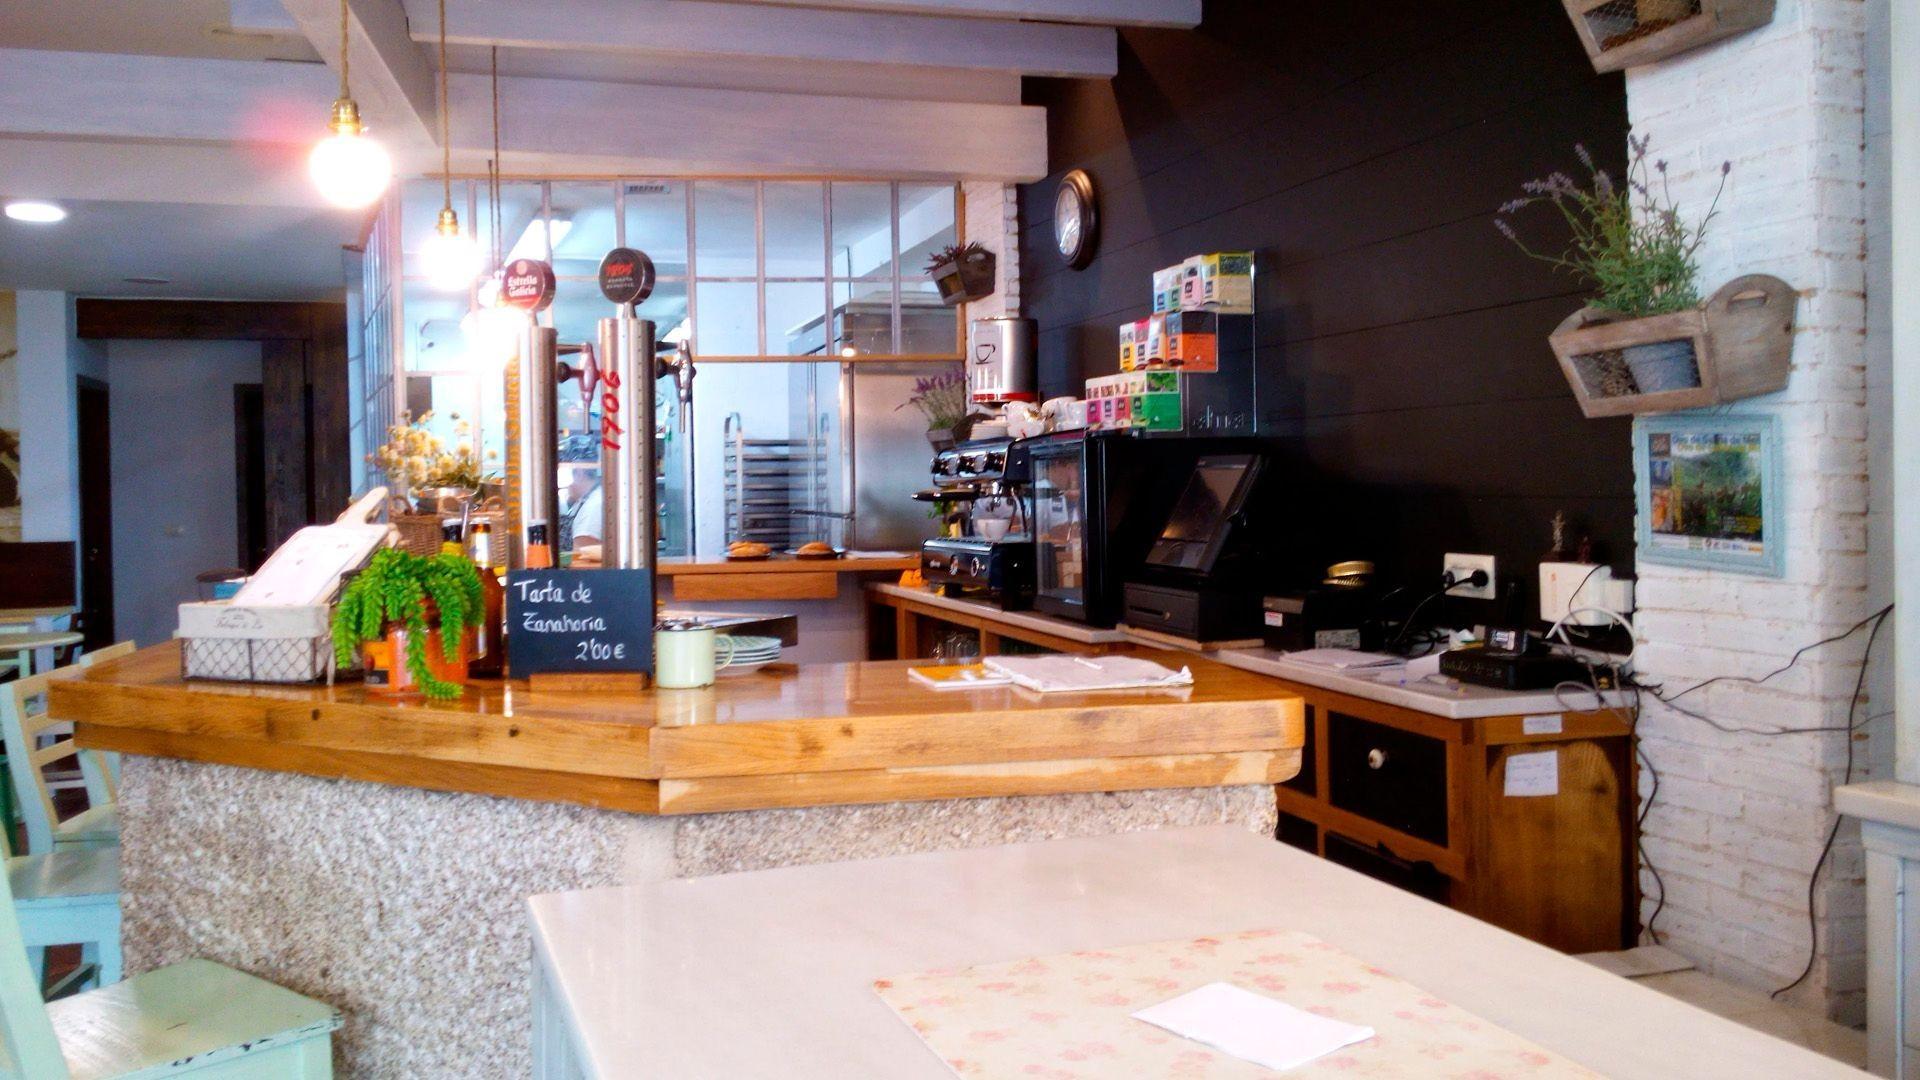 Bar de tapas en Vigo